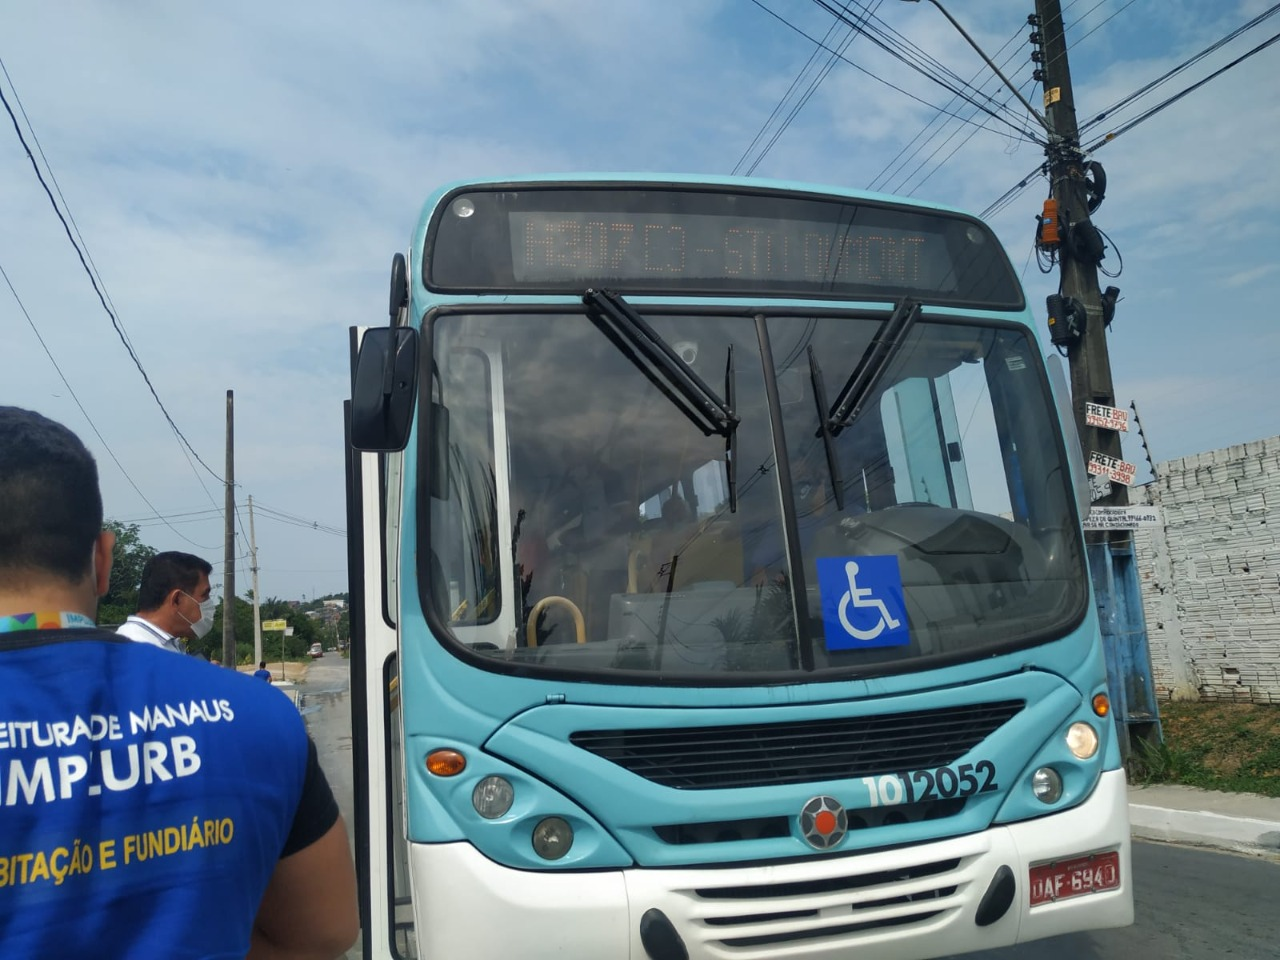 Linha de ônibus é ampliada pela Prefeitura para atender moradores do Cidadão Manauara 2